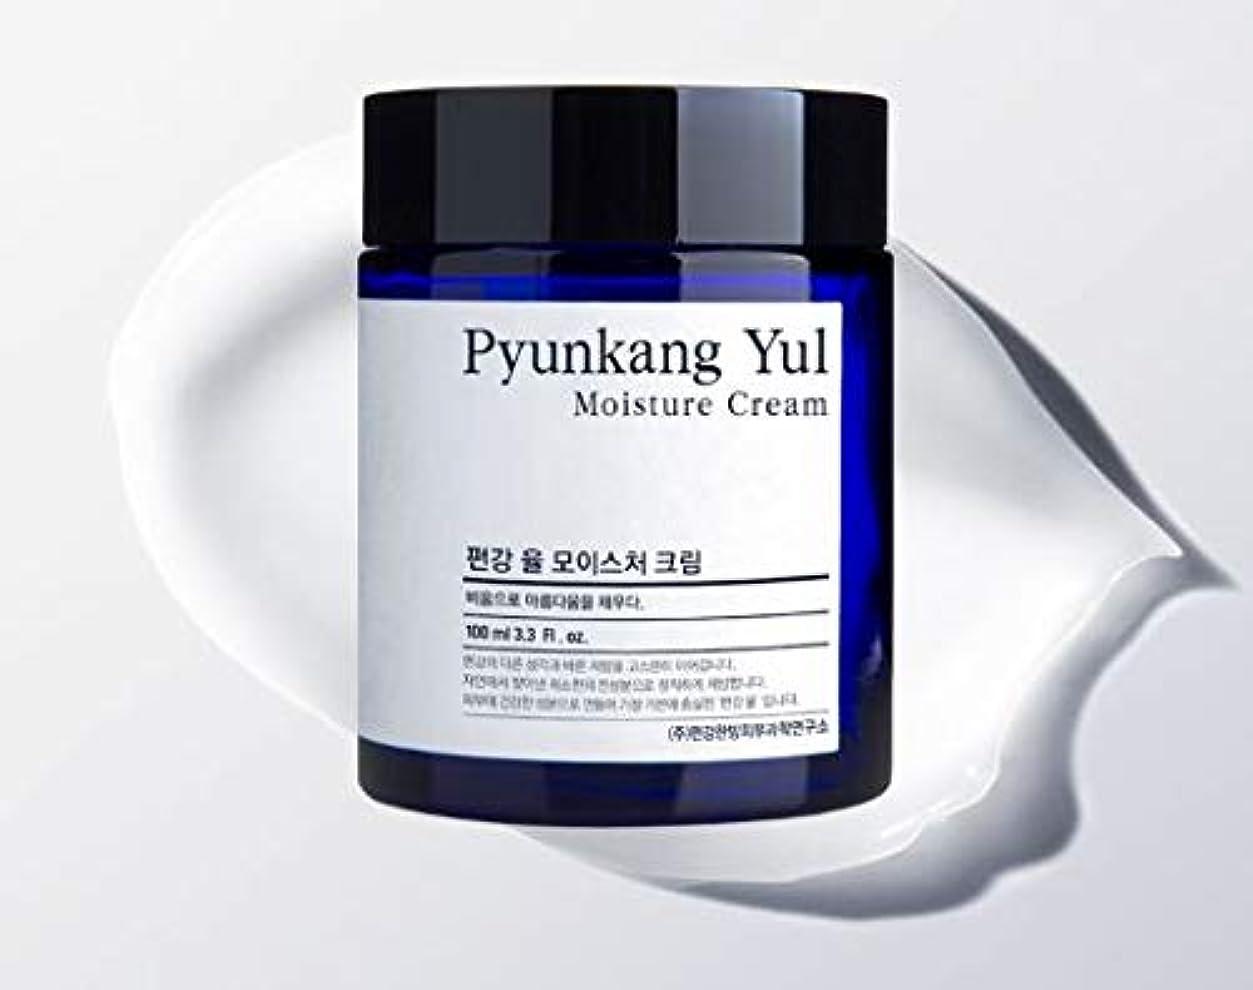 スラックキャプテン天の[Pyunkang Yul] Moisture Cream 100ml /モイスチャークリーム 100ml [並行輸入品]